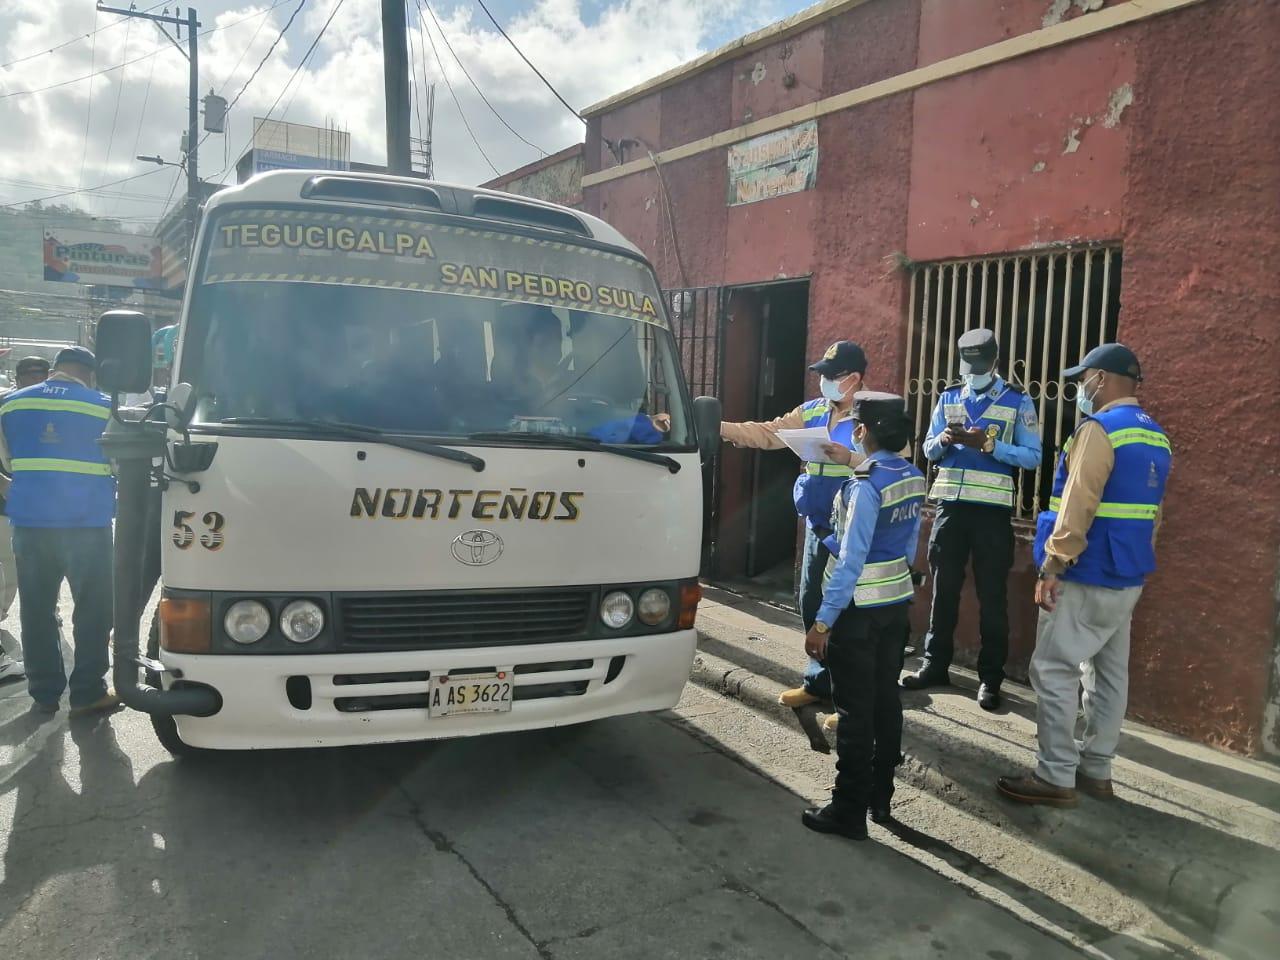 Transporte interurbano reporta una baja de pasajeros durante el inicio de la Semana Santa